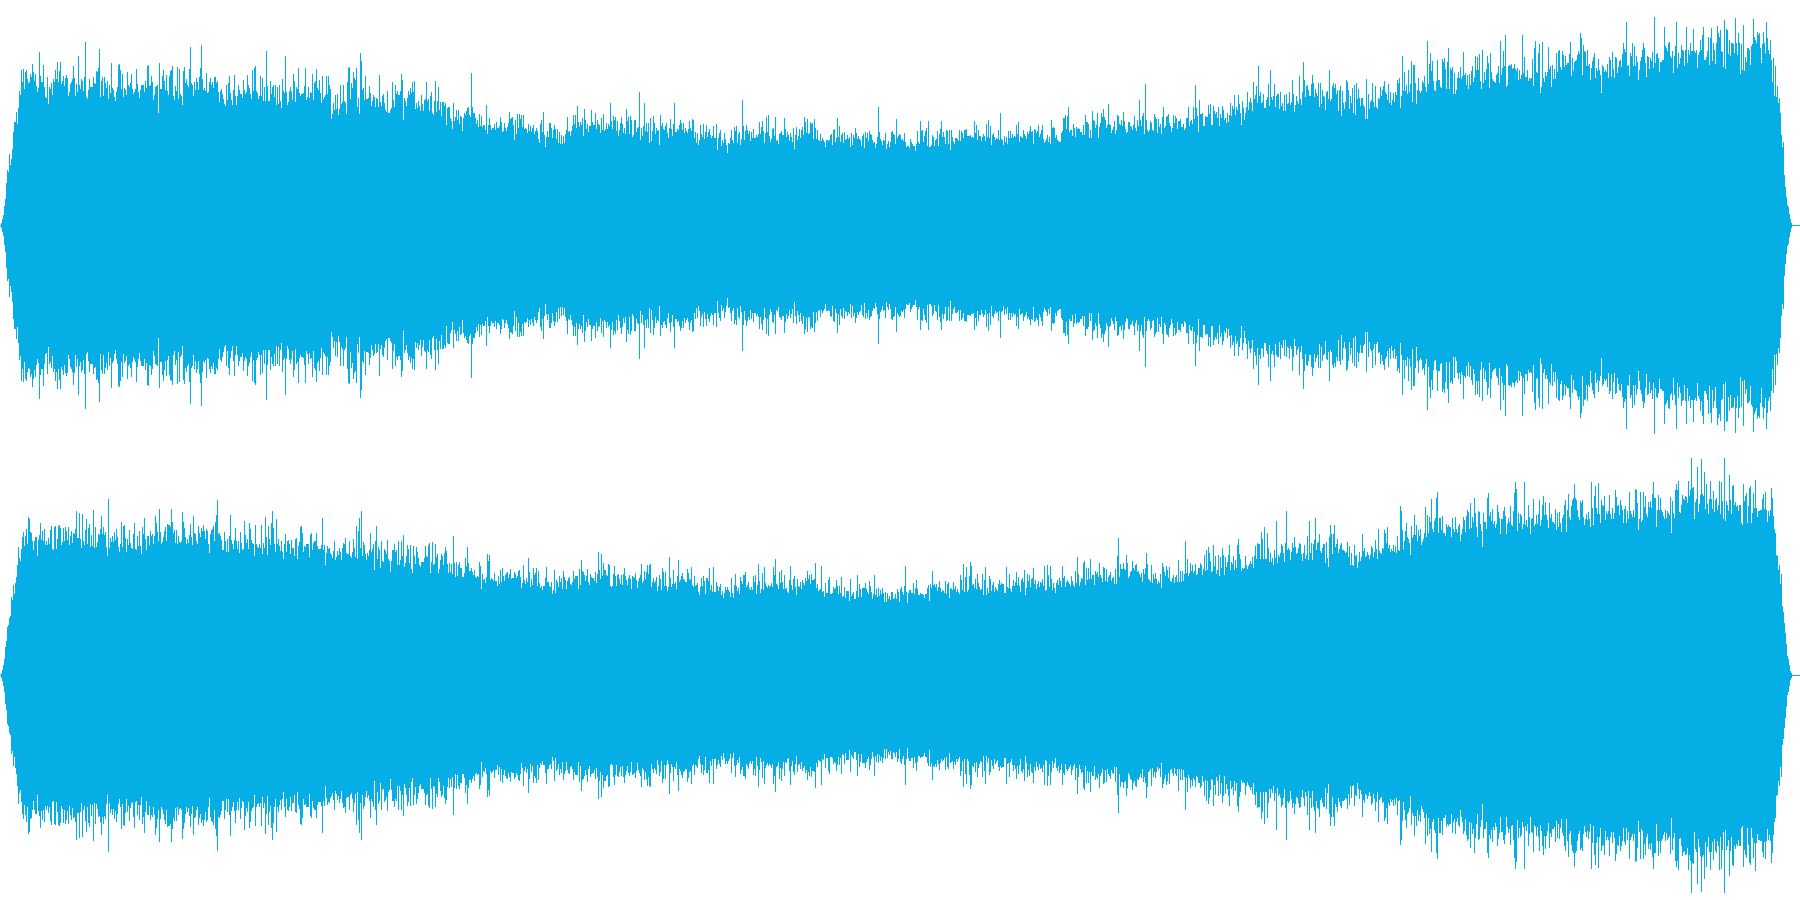 ミーンミーン 北海道の蝉 音景色 その4の再生済みの波形